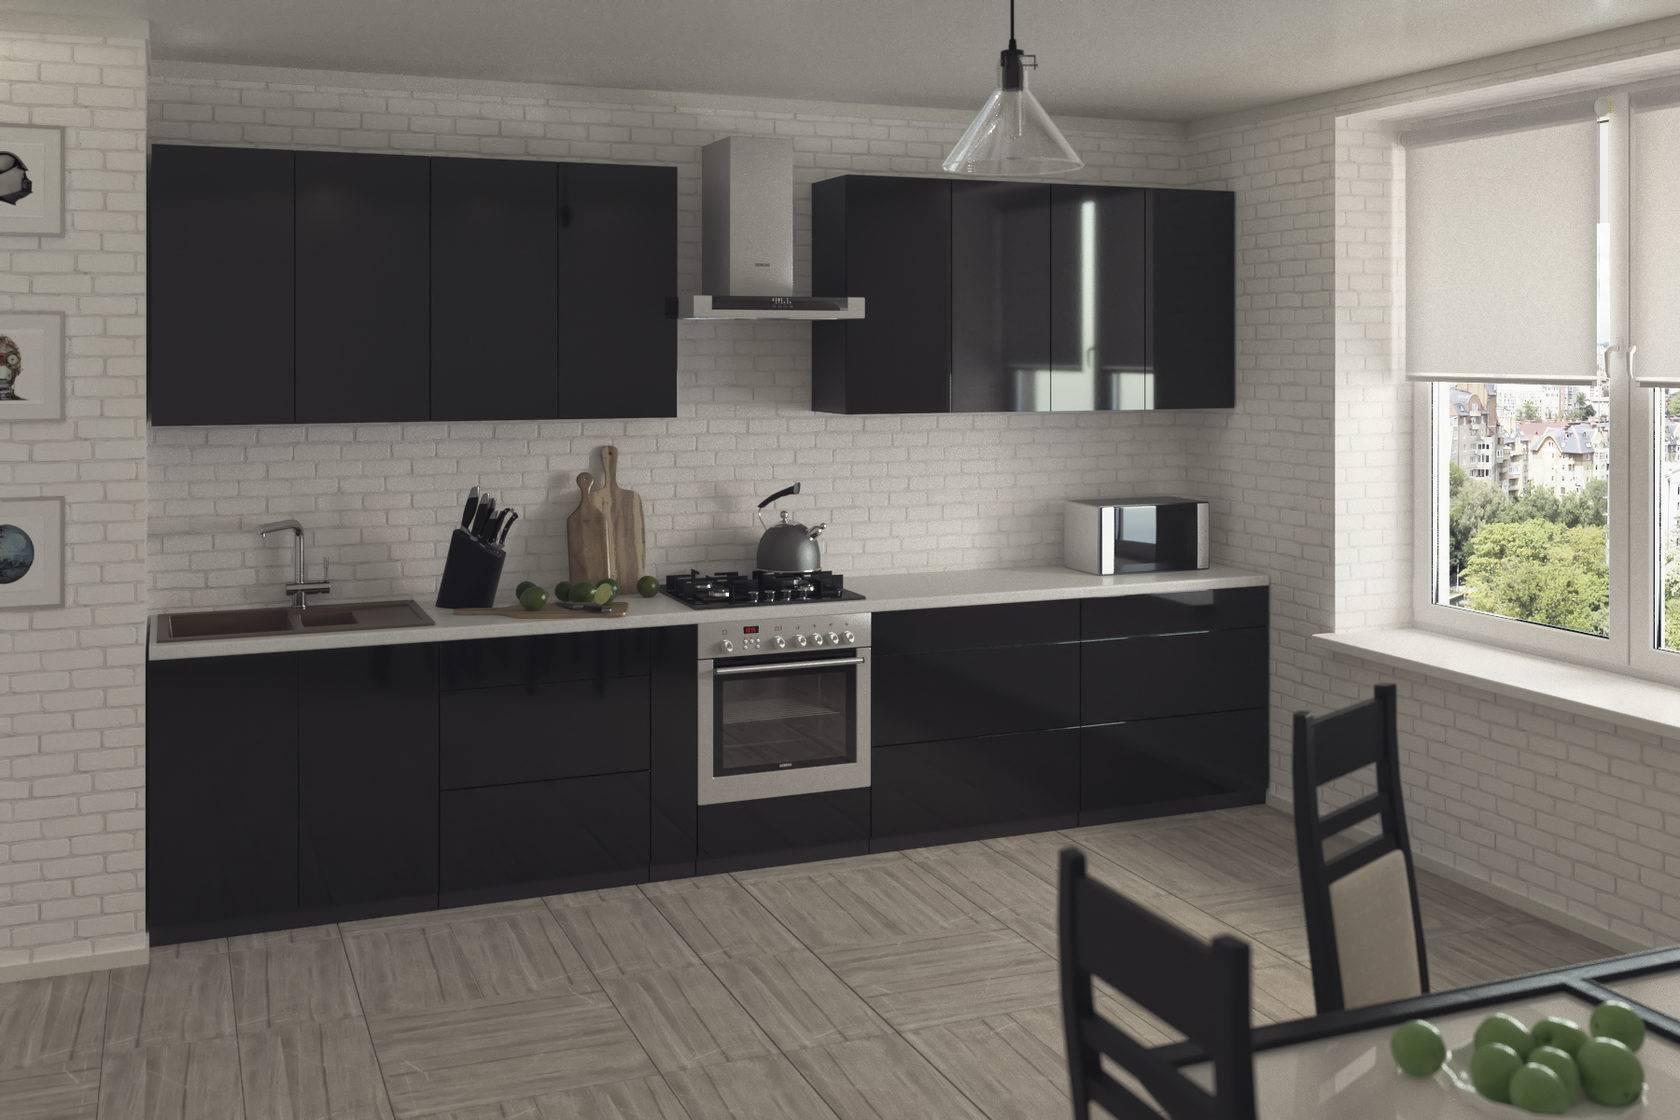 Кухонный гарнитур с пластиковыми фасадами: плюсы и минусы, дизайн и фото-идеи